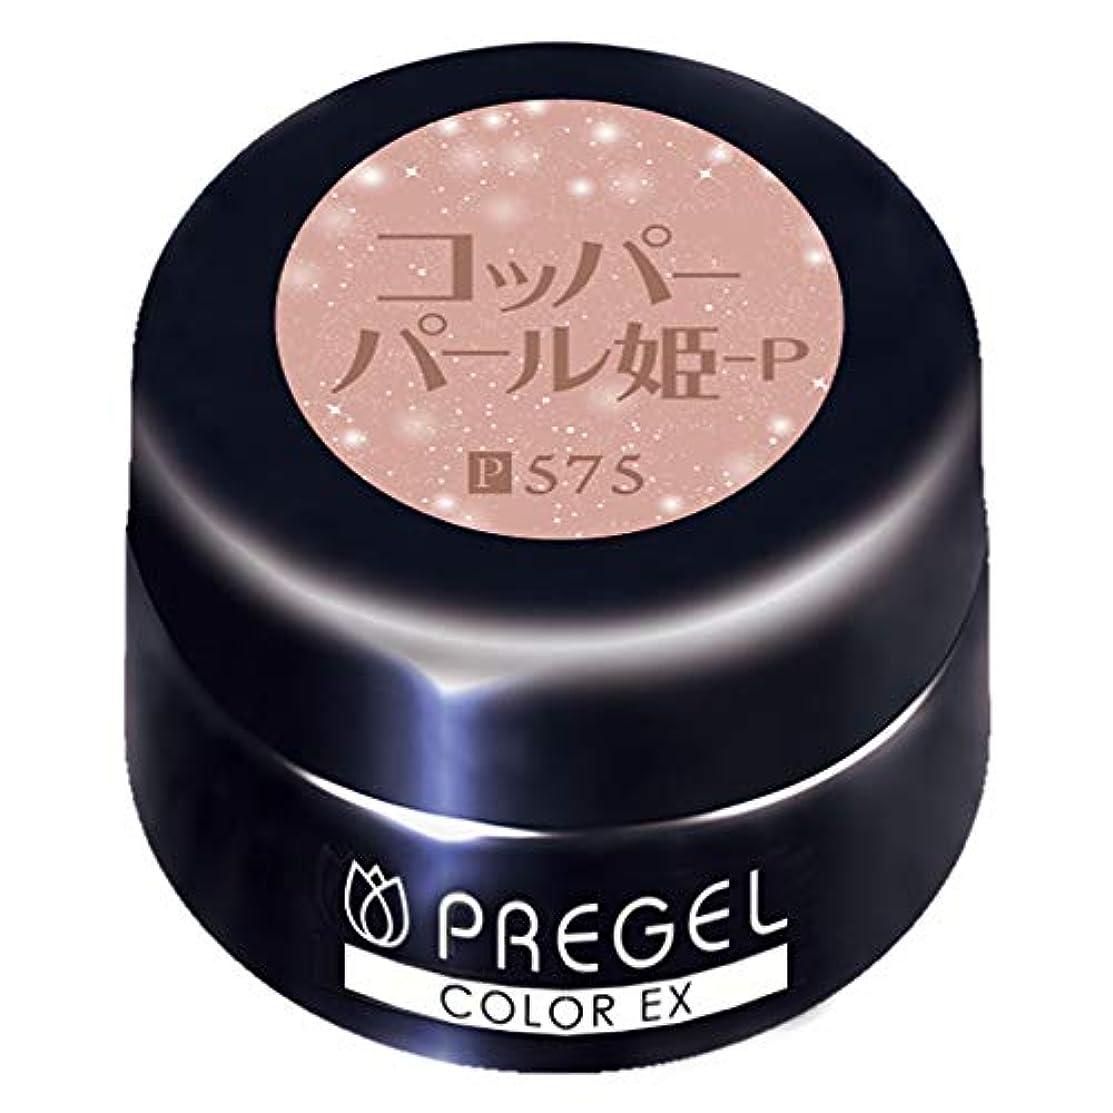 白雪姫対話自発的PRE GEL(プリジェル) PRE GEL カラージェル カラーEX コッパーパール姫-P 3g PG-CE575 UV/LED対応 ジェルネイル